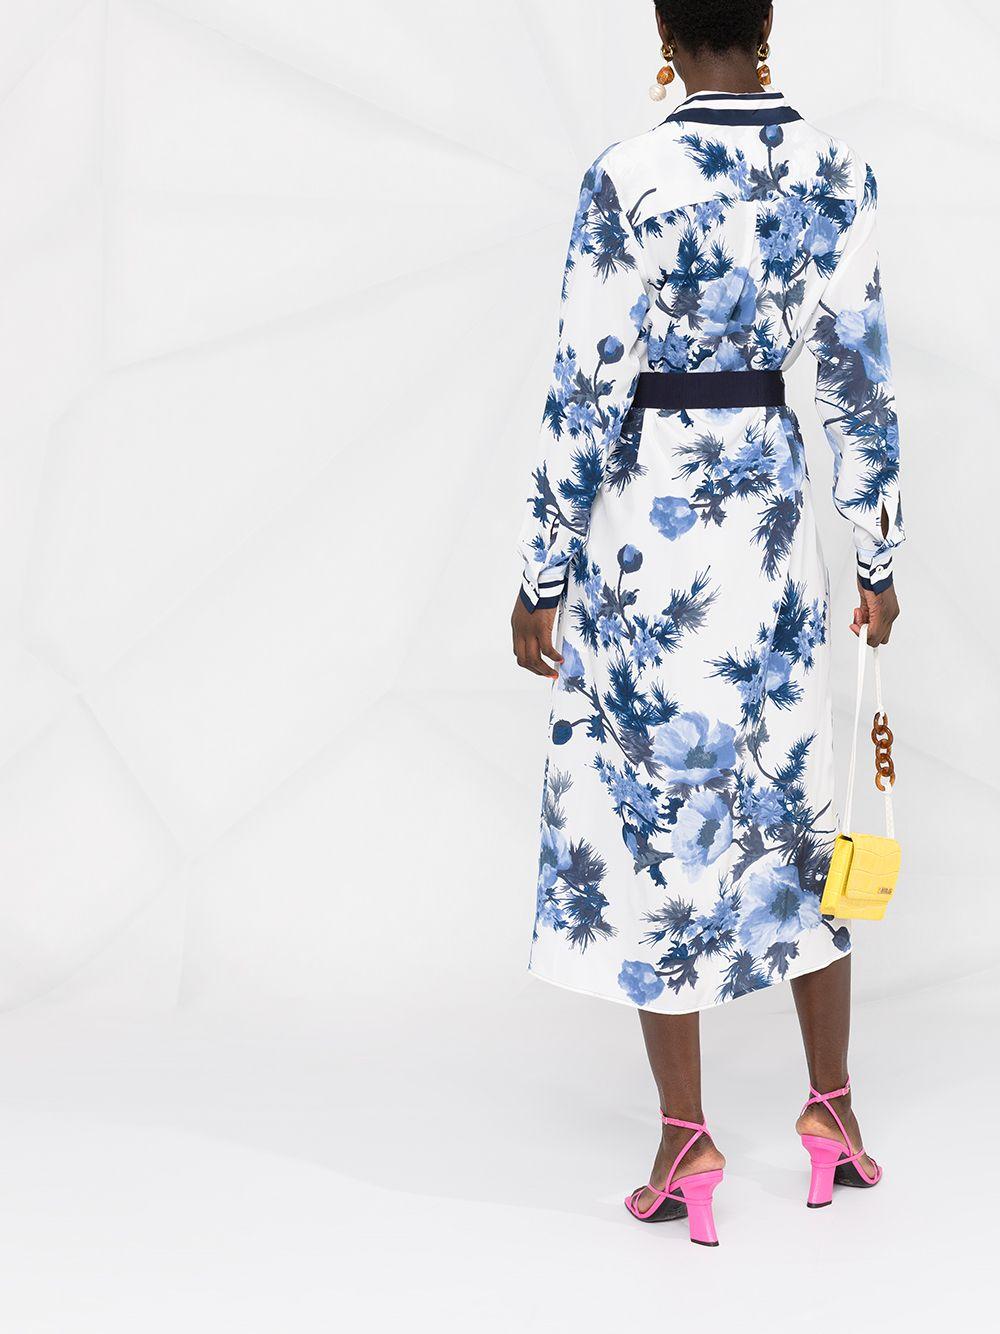 Abito chemisier in seta bianca e blu con stampa floreale P.A.R.O.S.H. | Abiti | D723493-SEBLU812